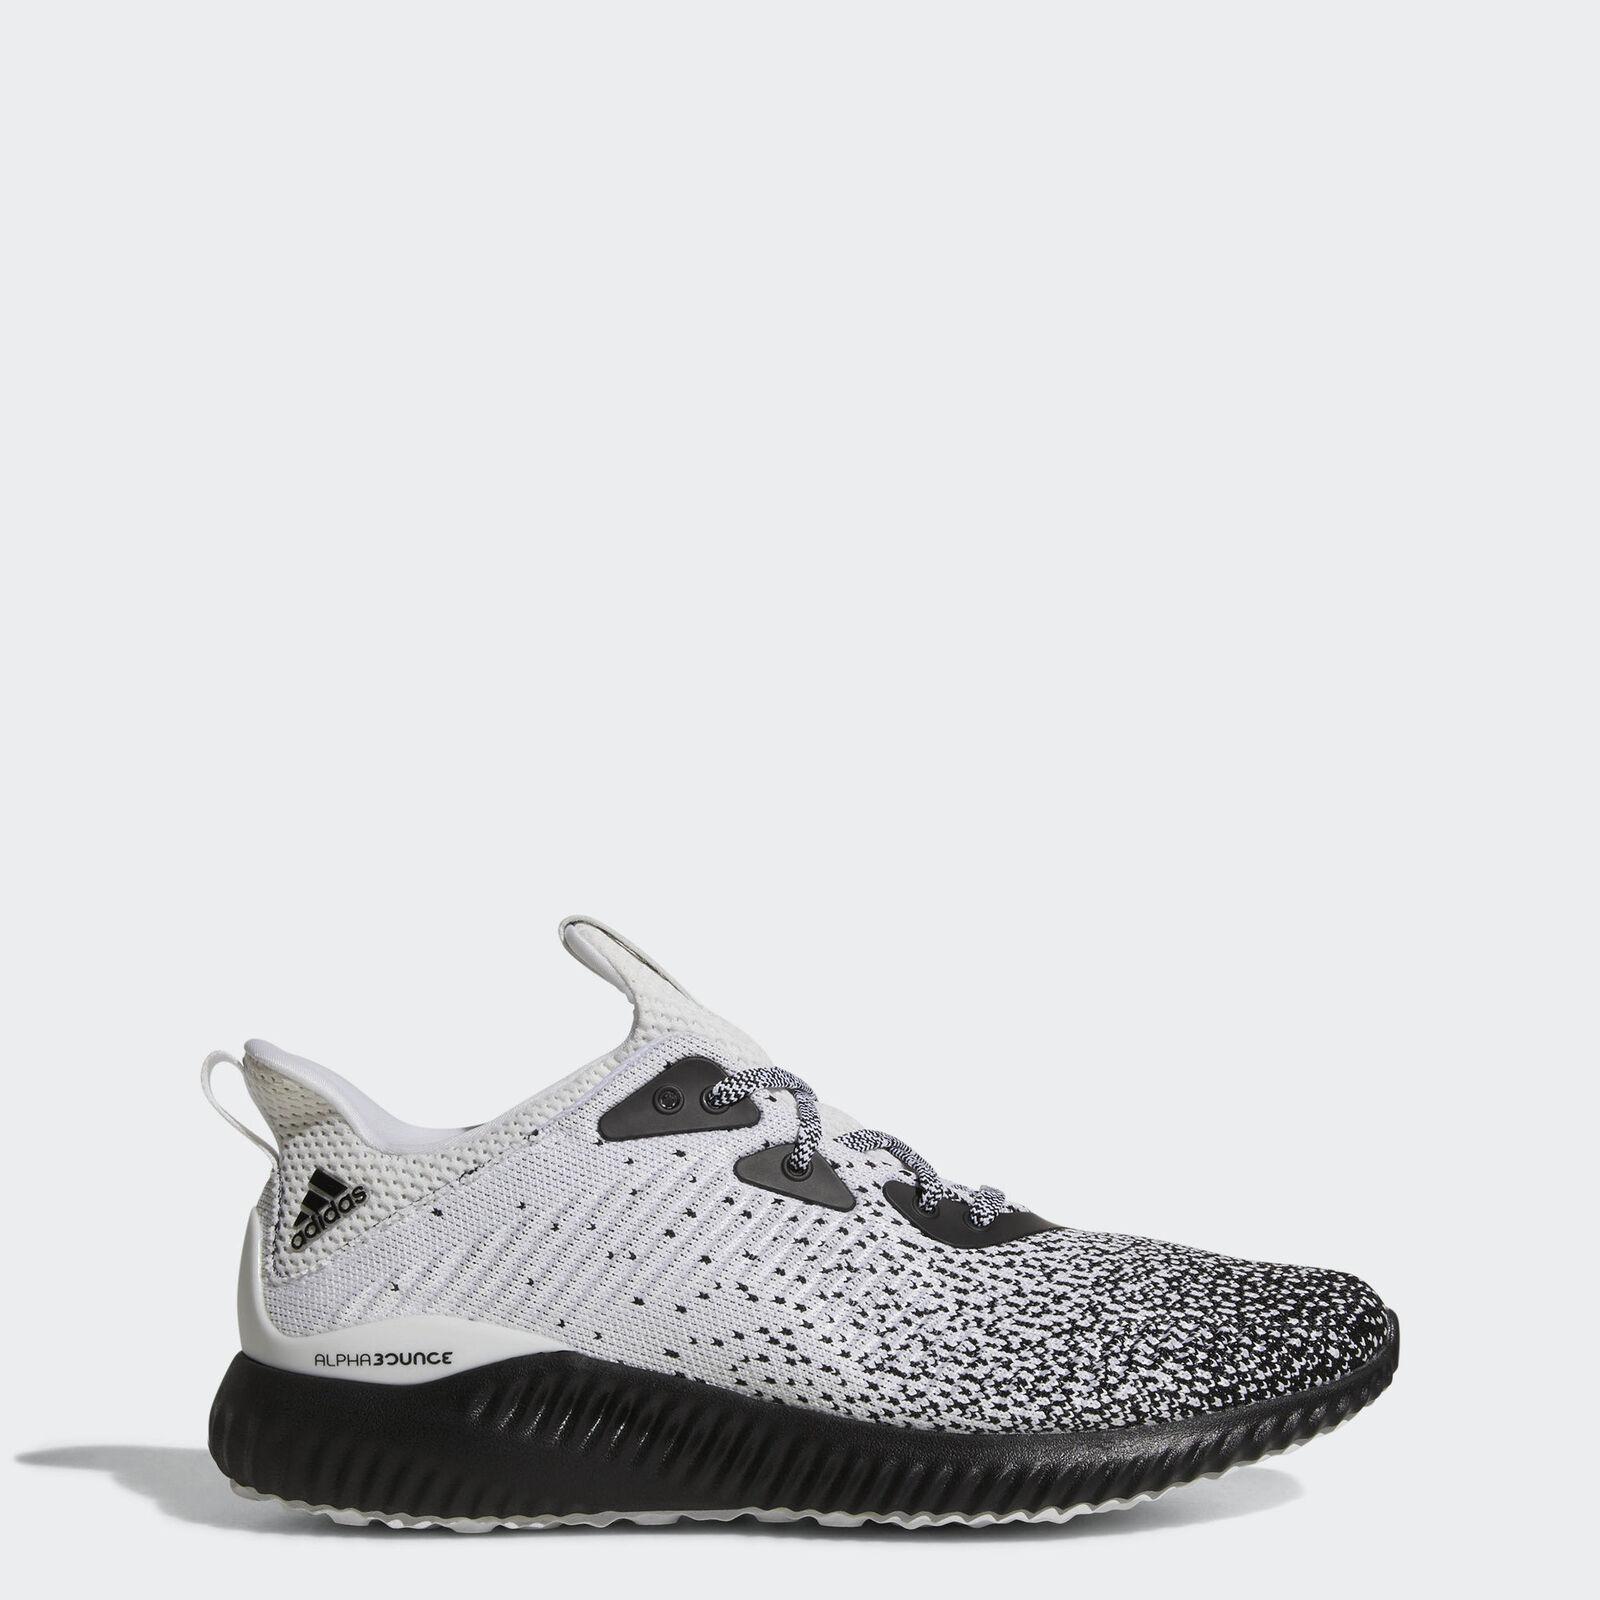 quality design e9995 0962c adidas Alphabounce CK Shoes Mens